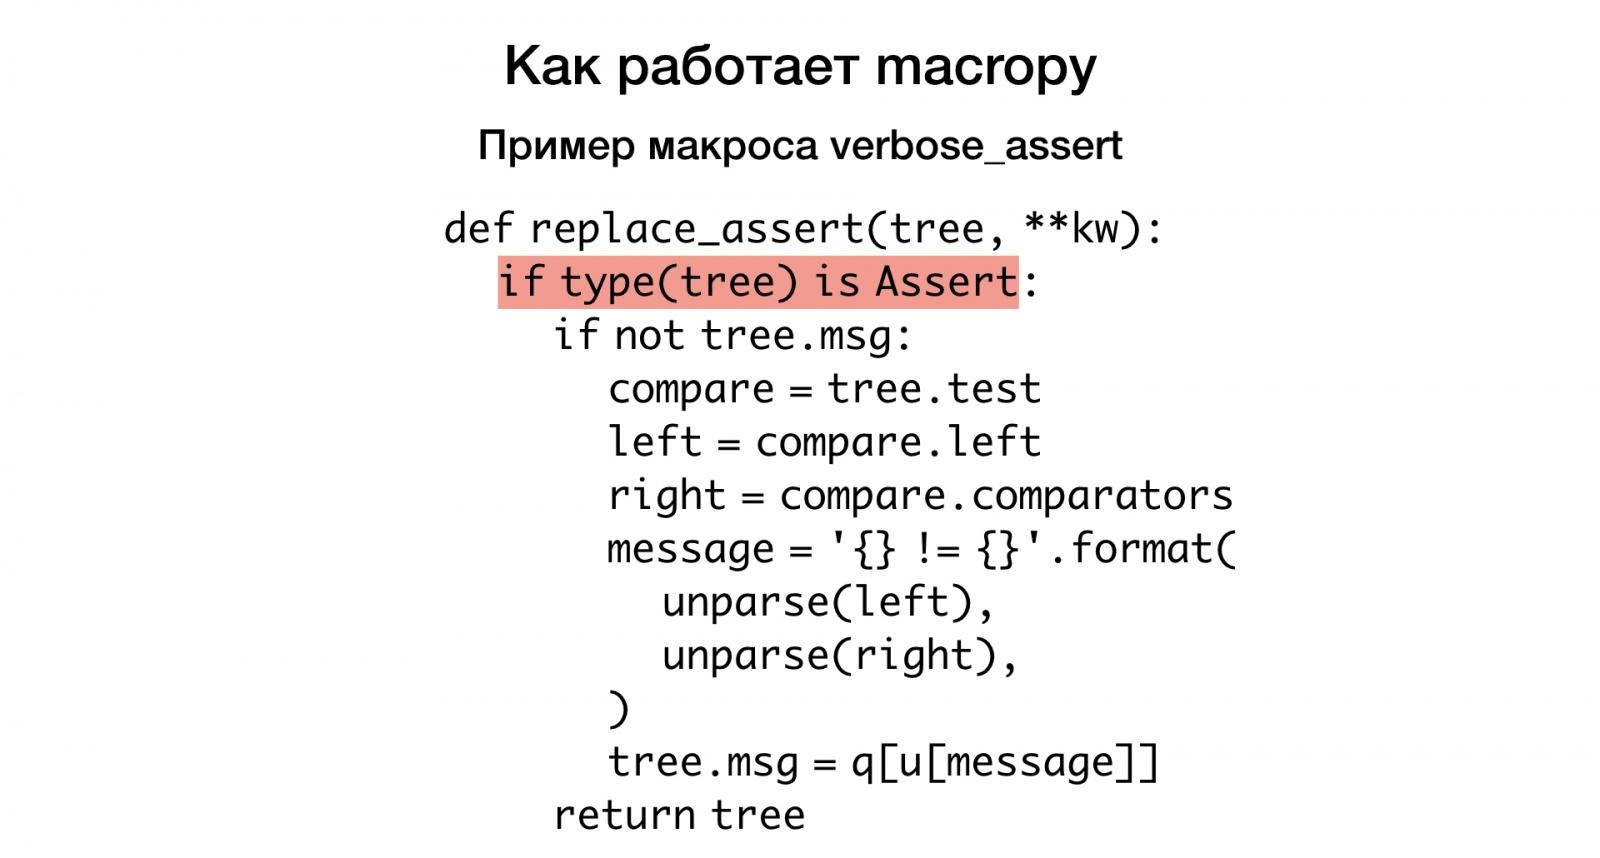 Макросы для питониста. Доклад Яндекса - 30